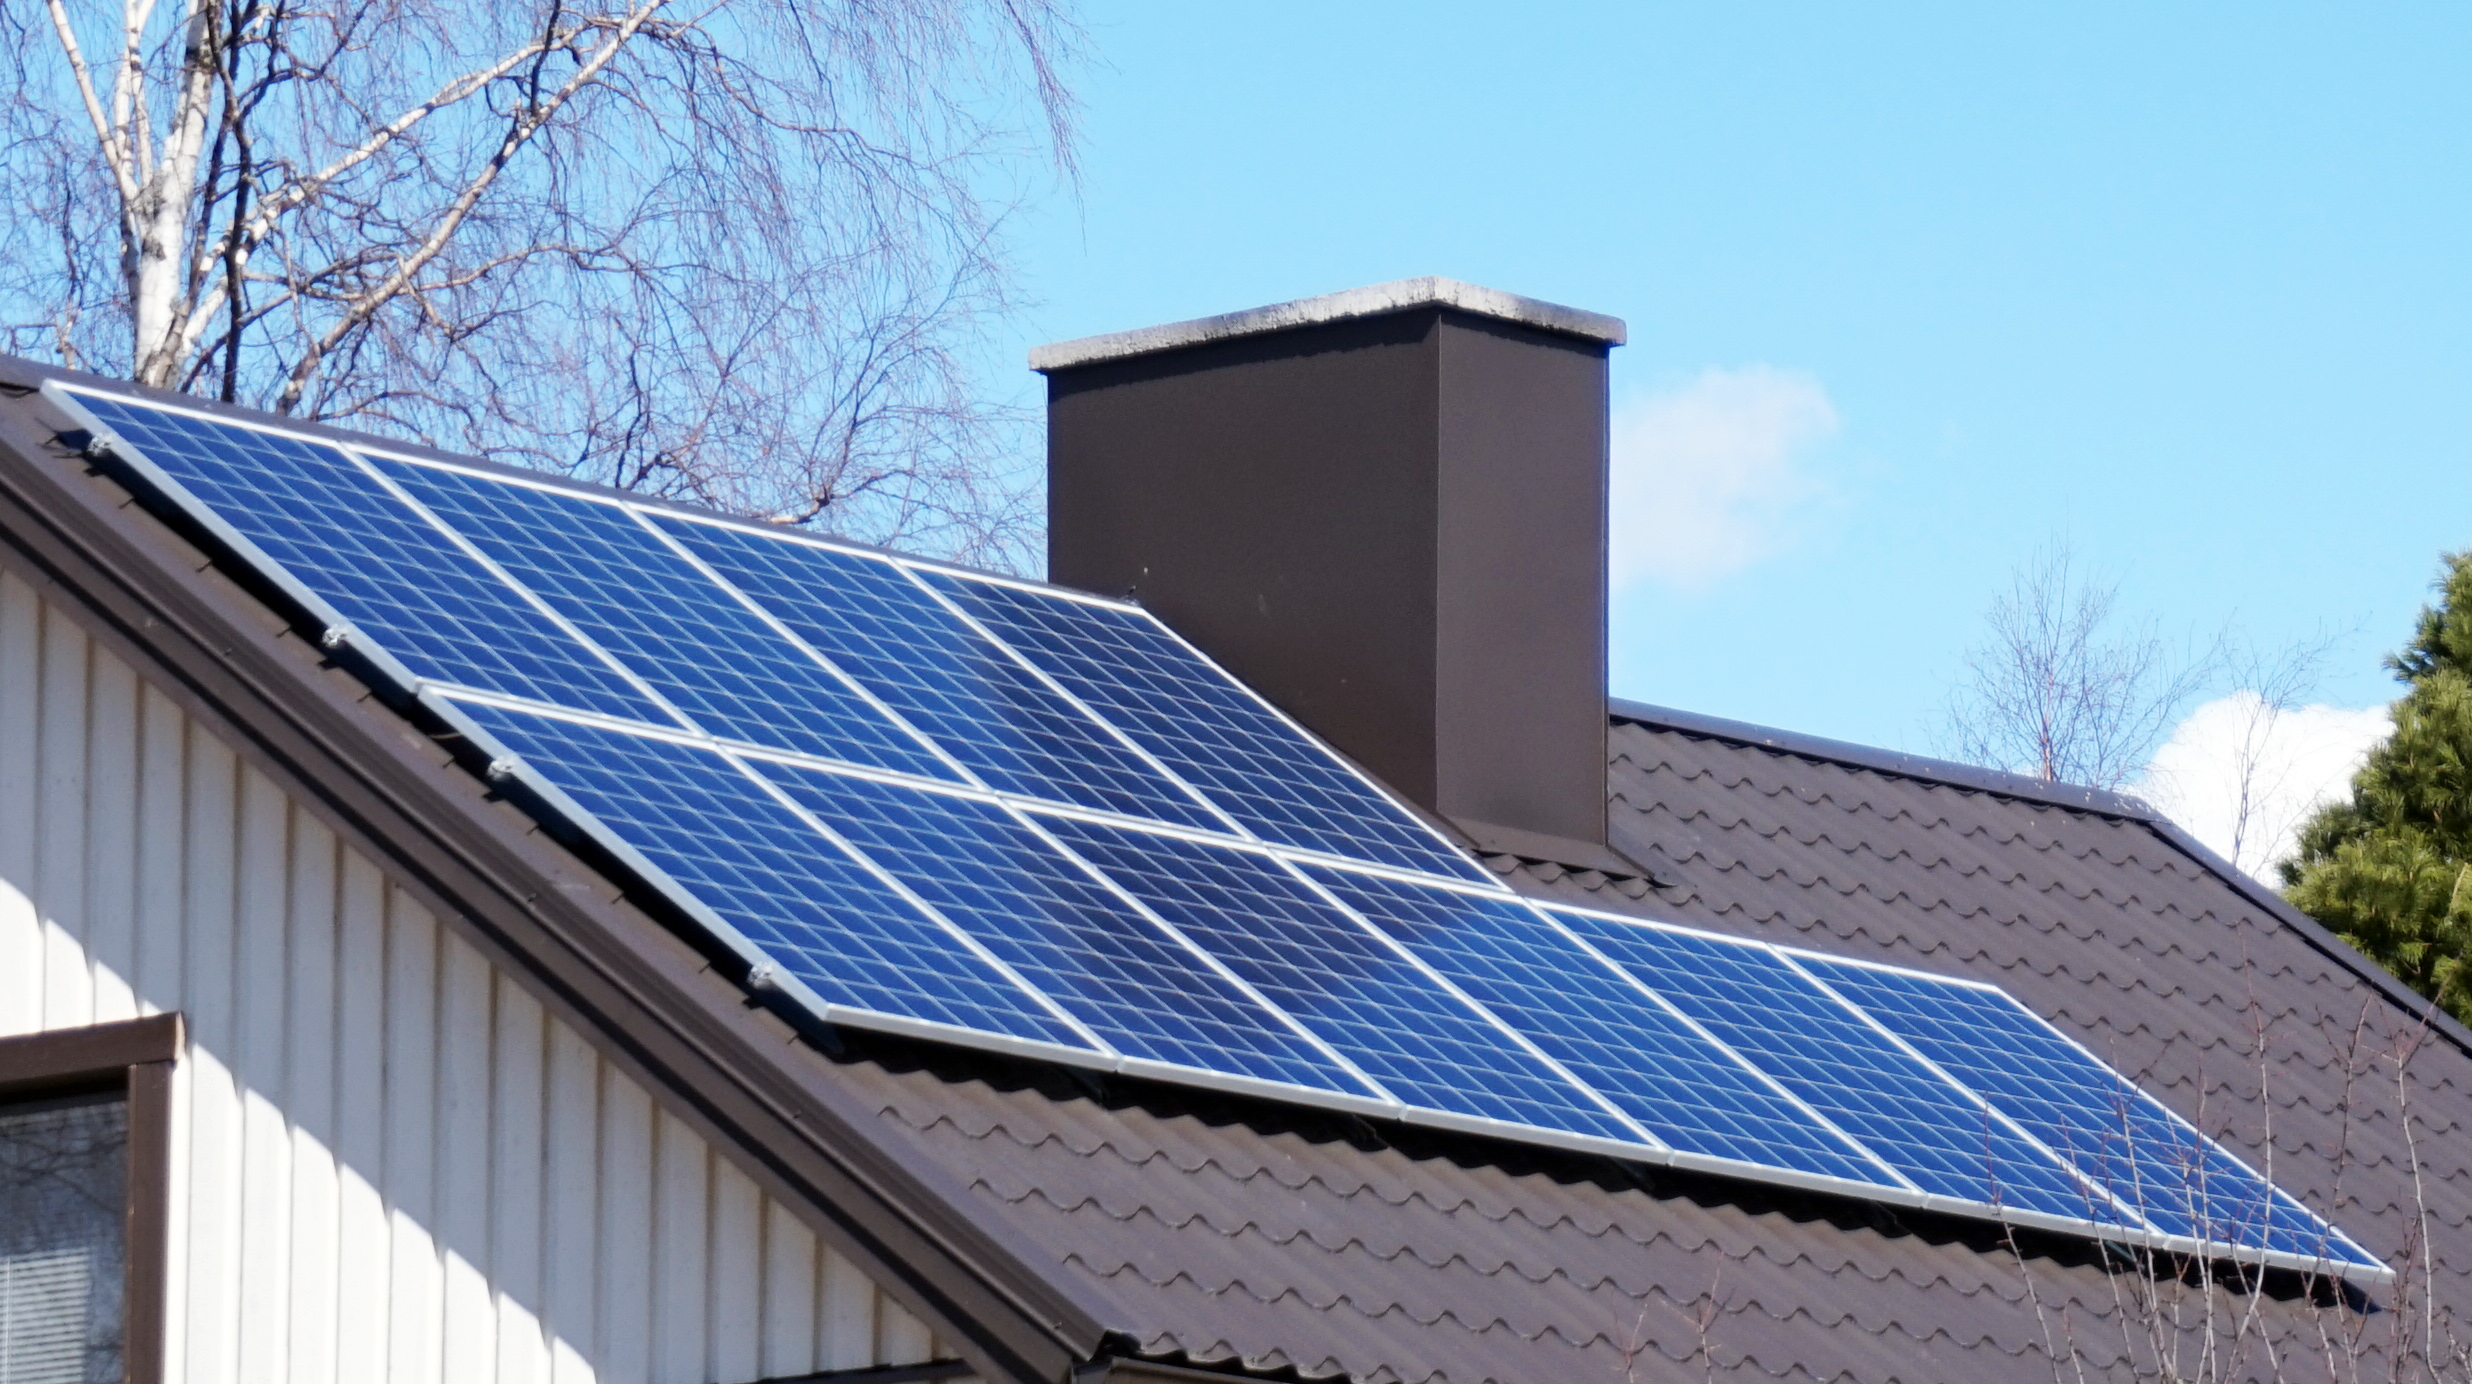 File:Jyväskylä - solar panels.jpg - Wikimedia Commons